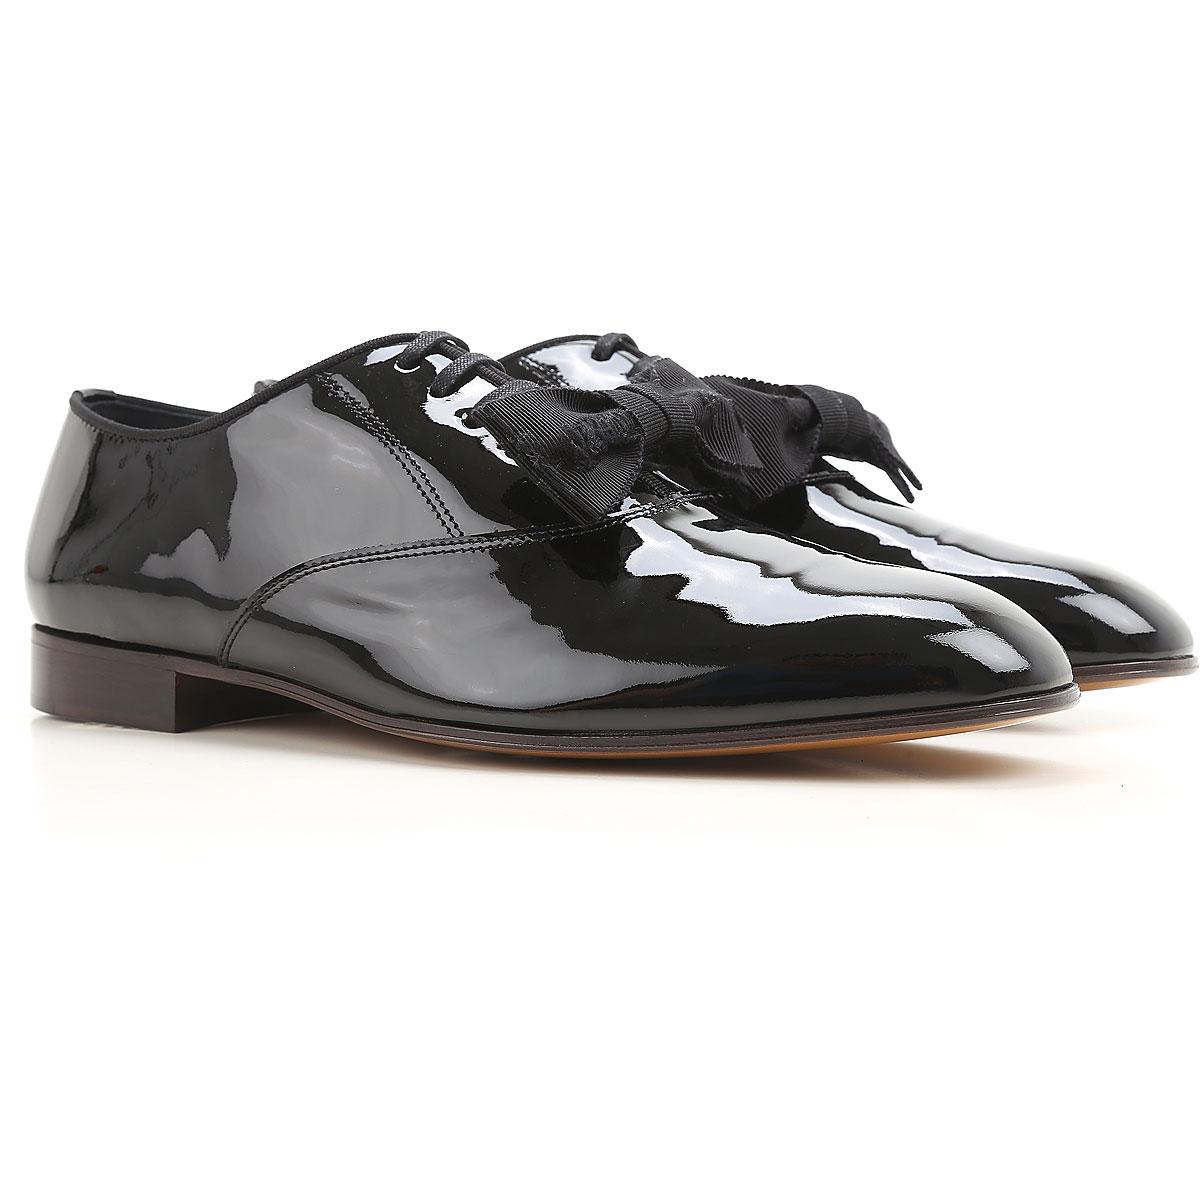 913b30856b Vivienne Westwood Šněrovací boty pro muže Oxfordky